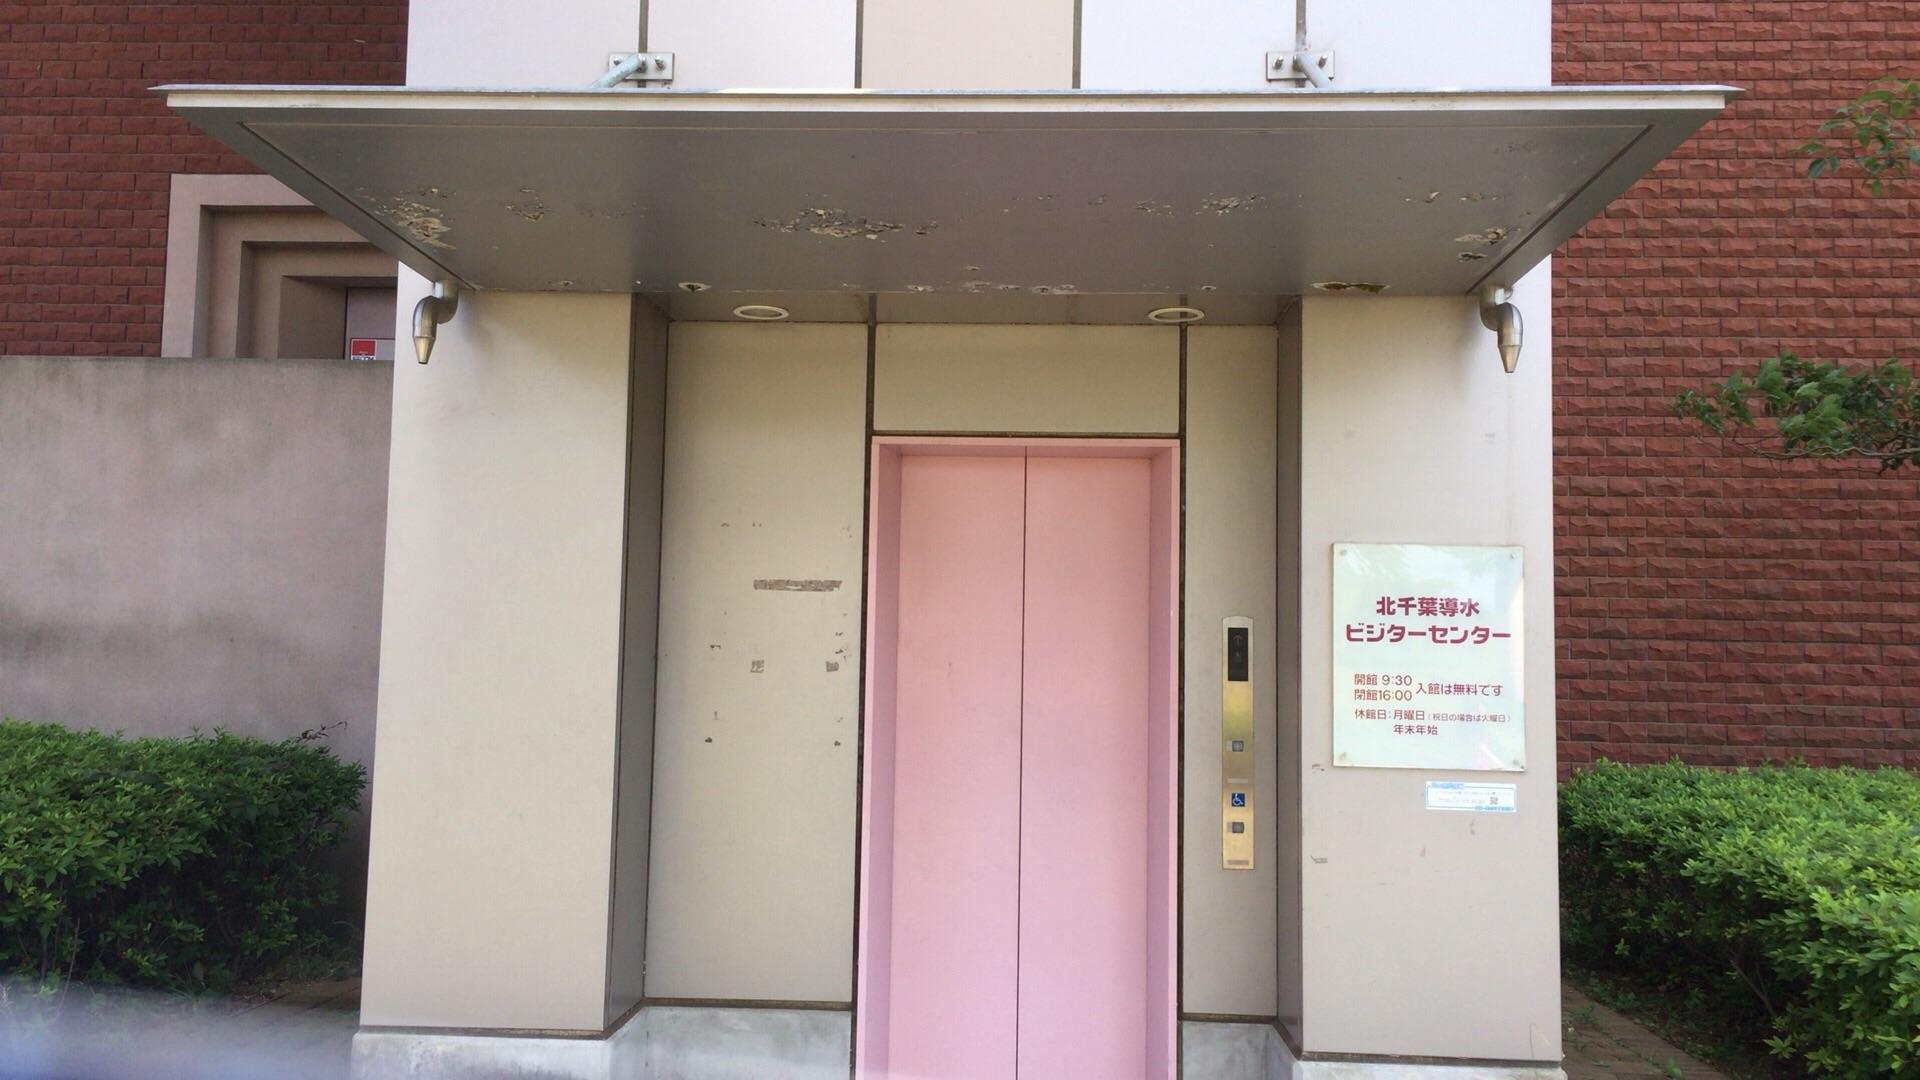 f:id:mfj_maap_jp:20180603224144j:image